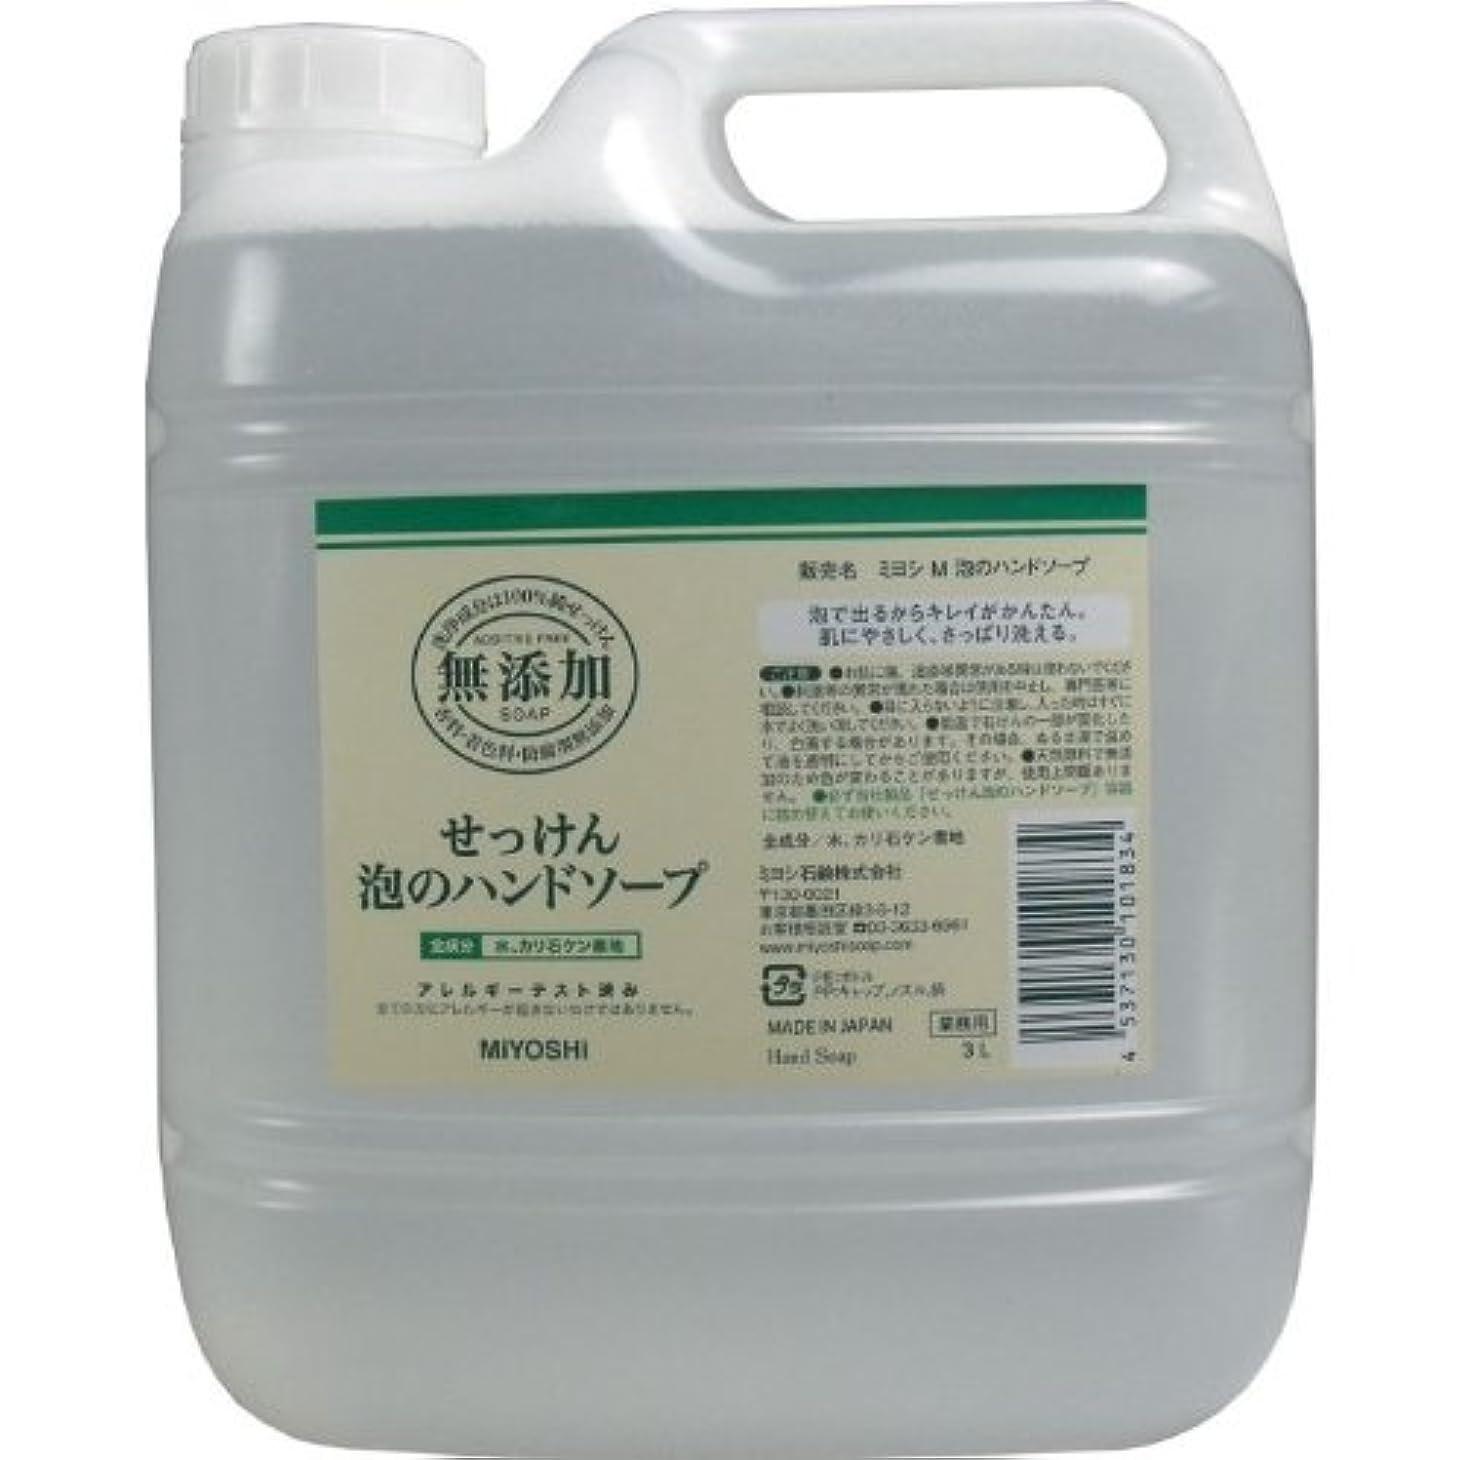 加速度批判するキャプテンブライ泡で出るからキレイが簡単!家事の間のサッと洗いも簡単!香料、着色料、防腐剤無添加!(業務用)3L【5個セット】